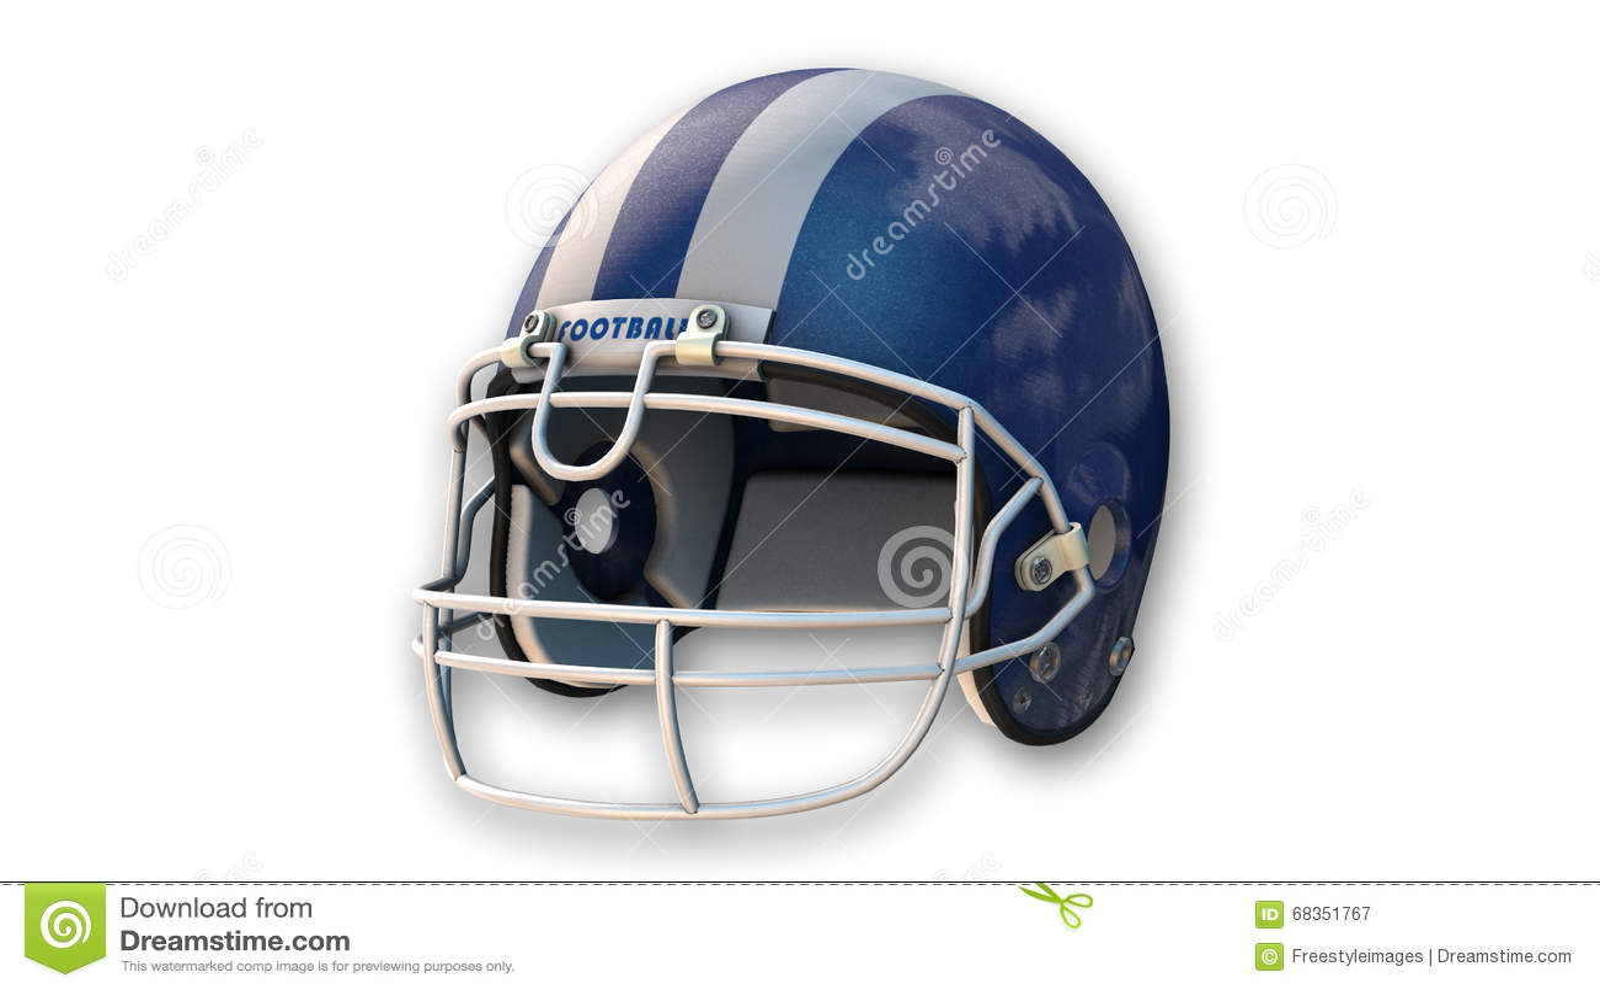 casque de football am ricain bleu article de sport sur le blanc illustration stock image. Black Bedroom Furniture Sets. Home Design Ideas